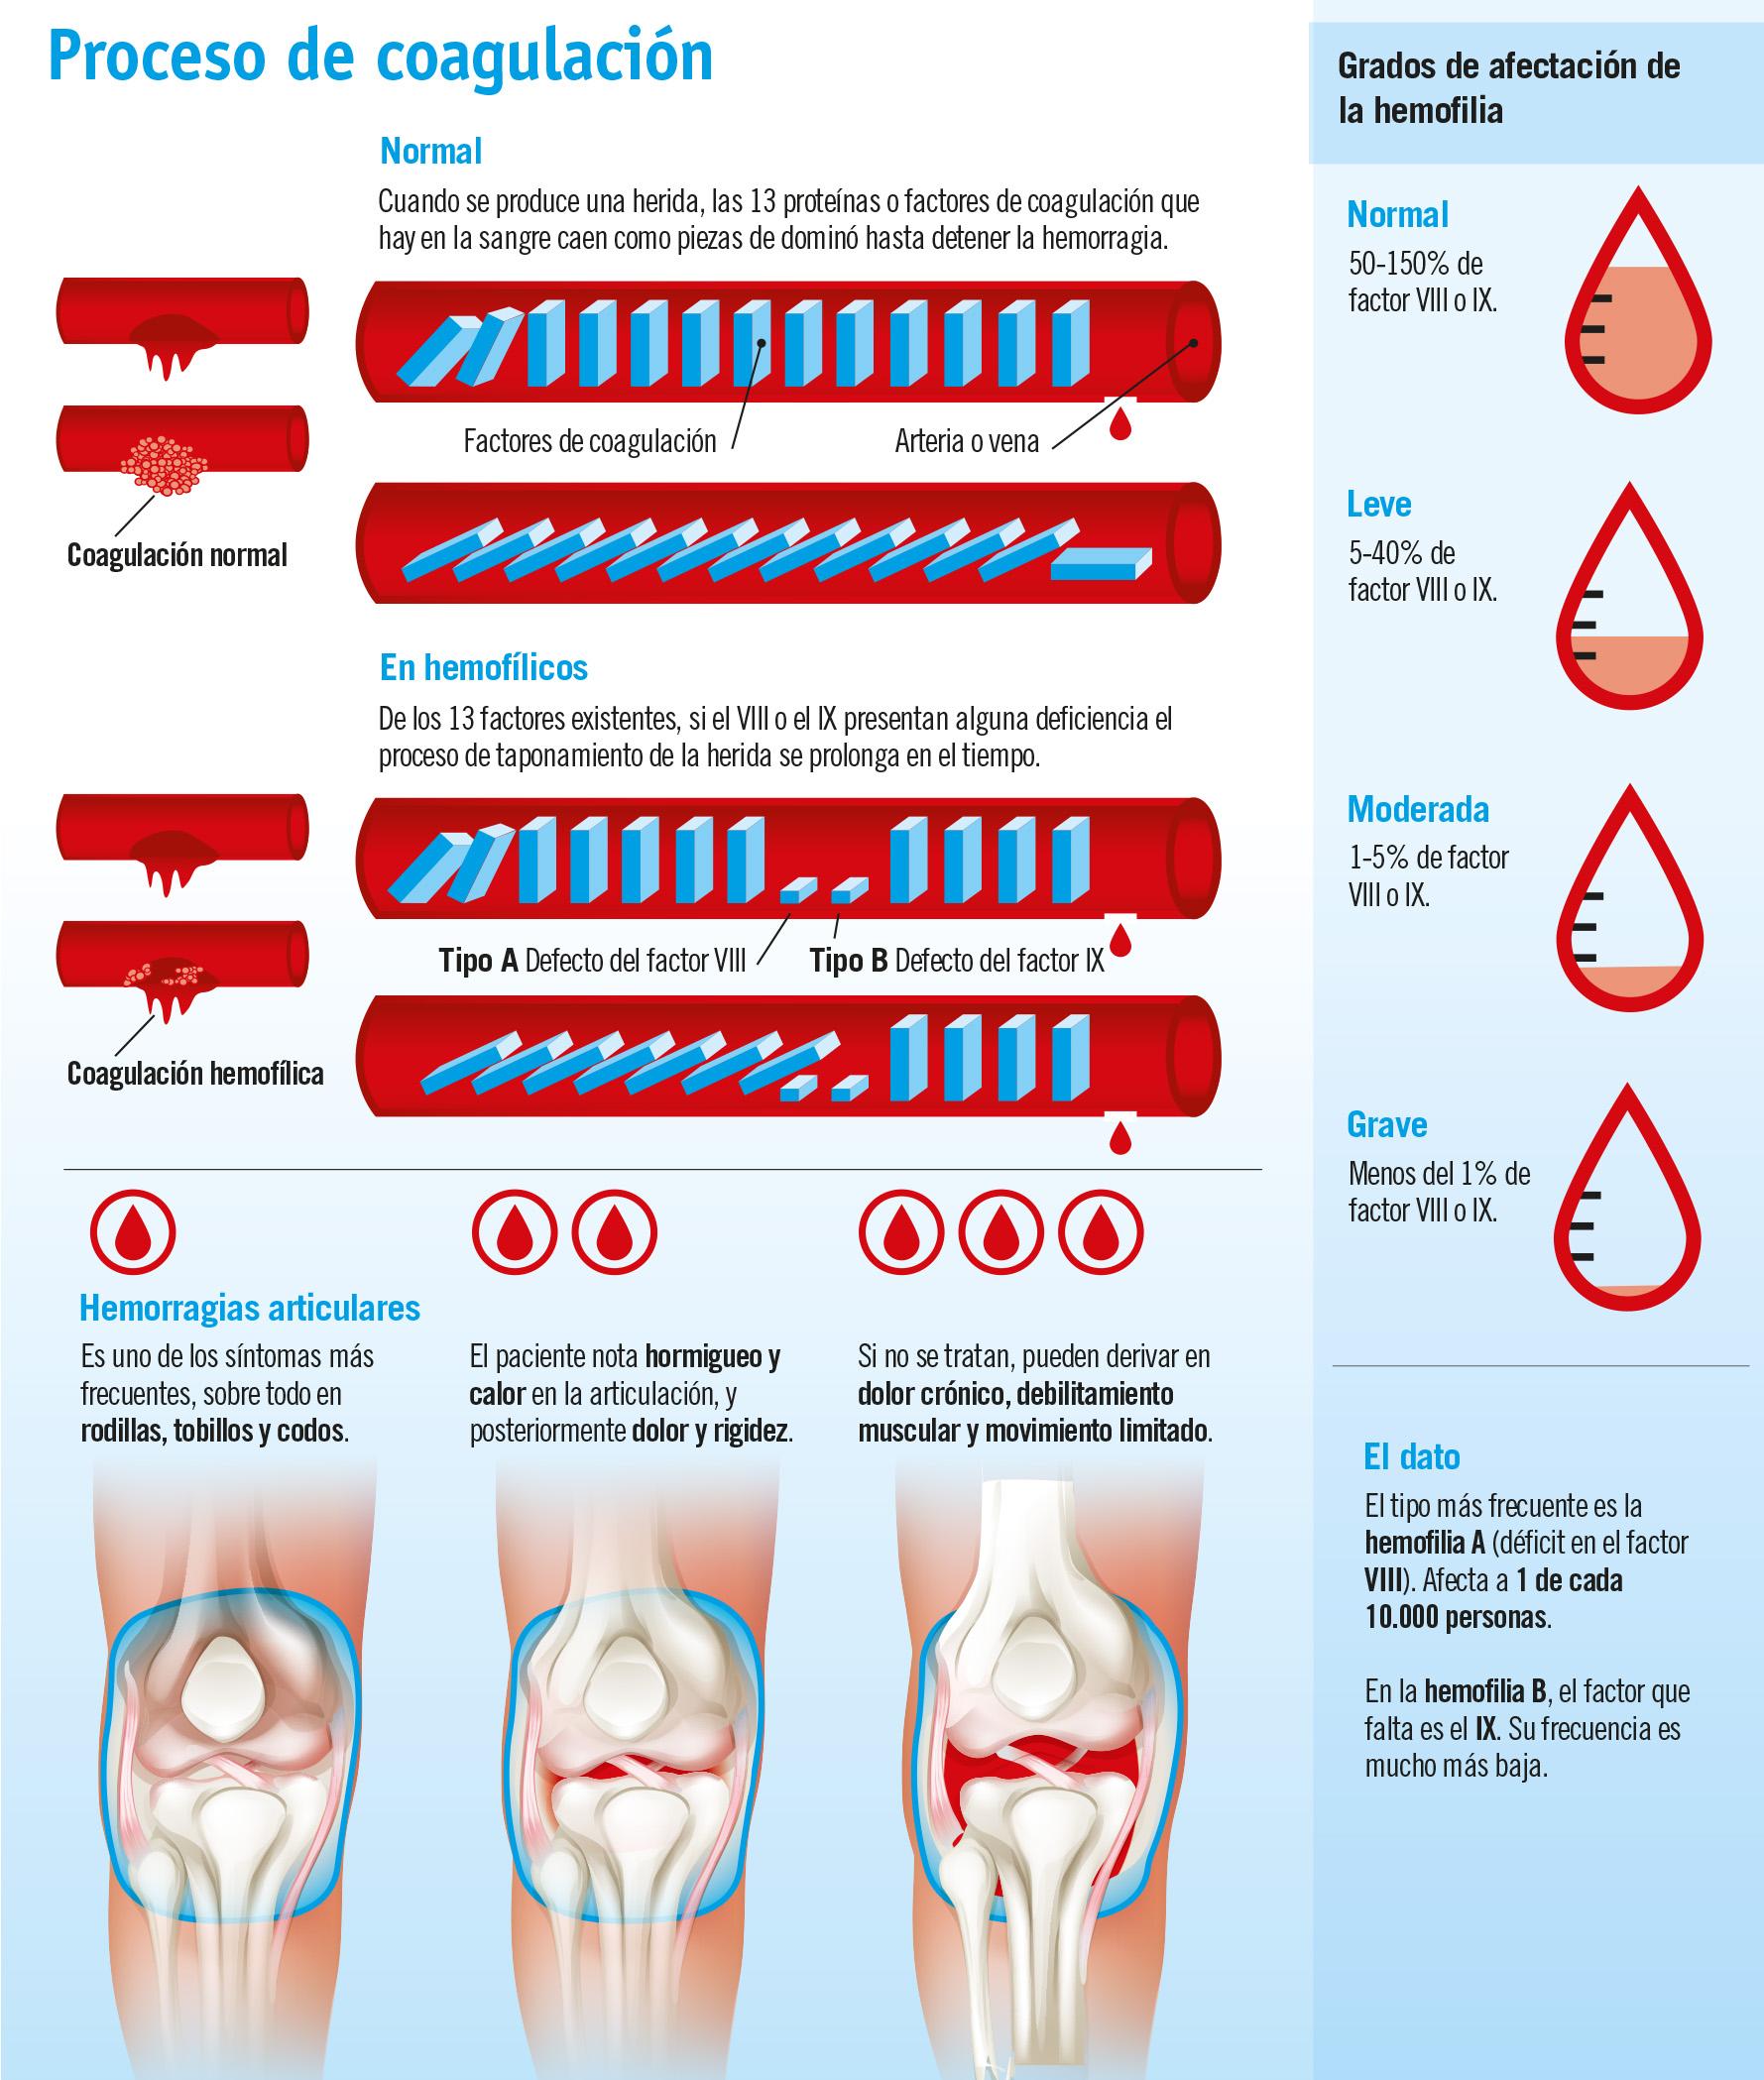 Síntomas y causas de la hemofilia